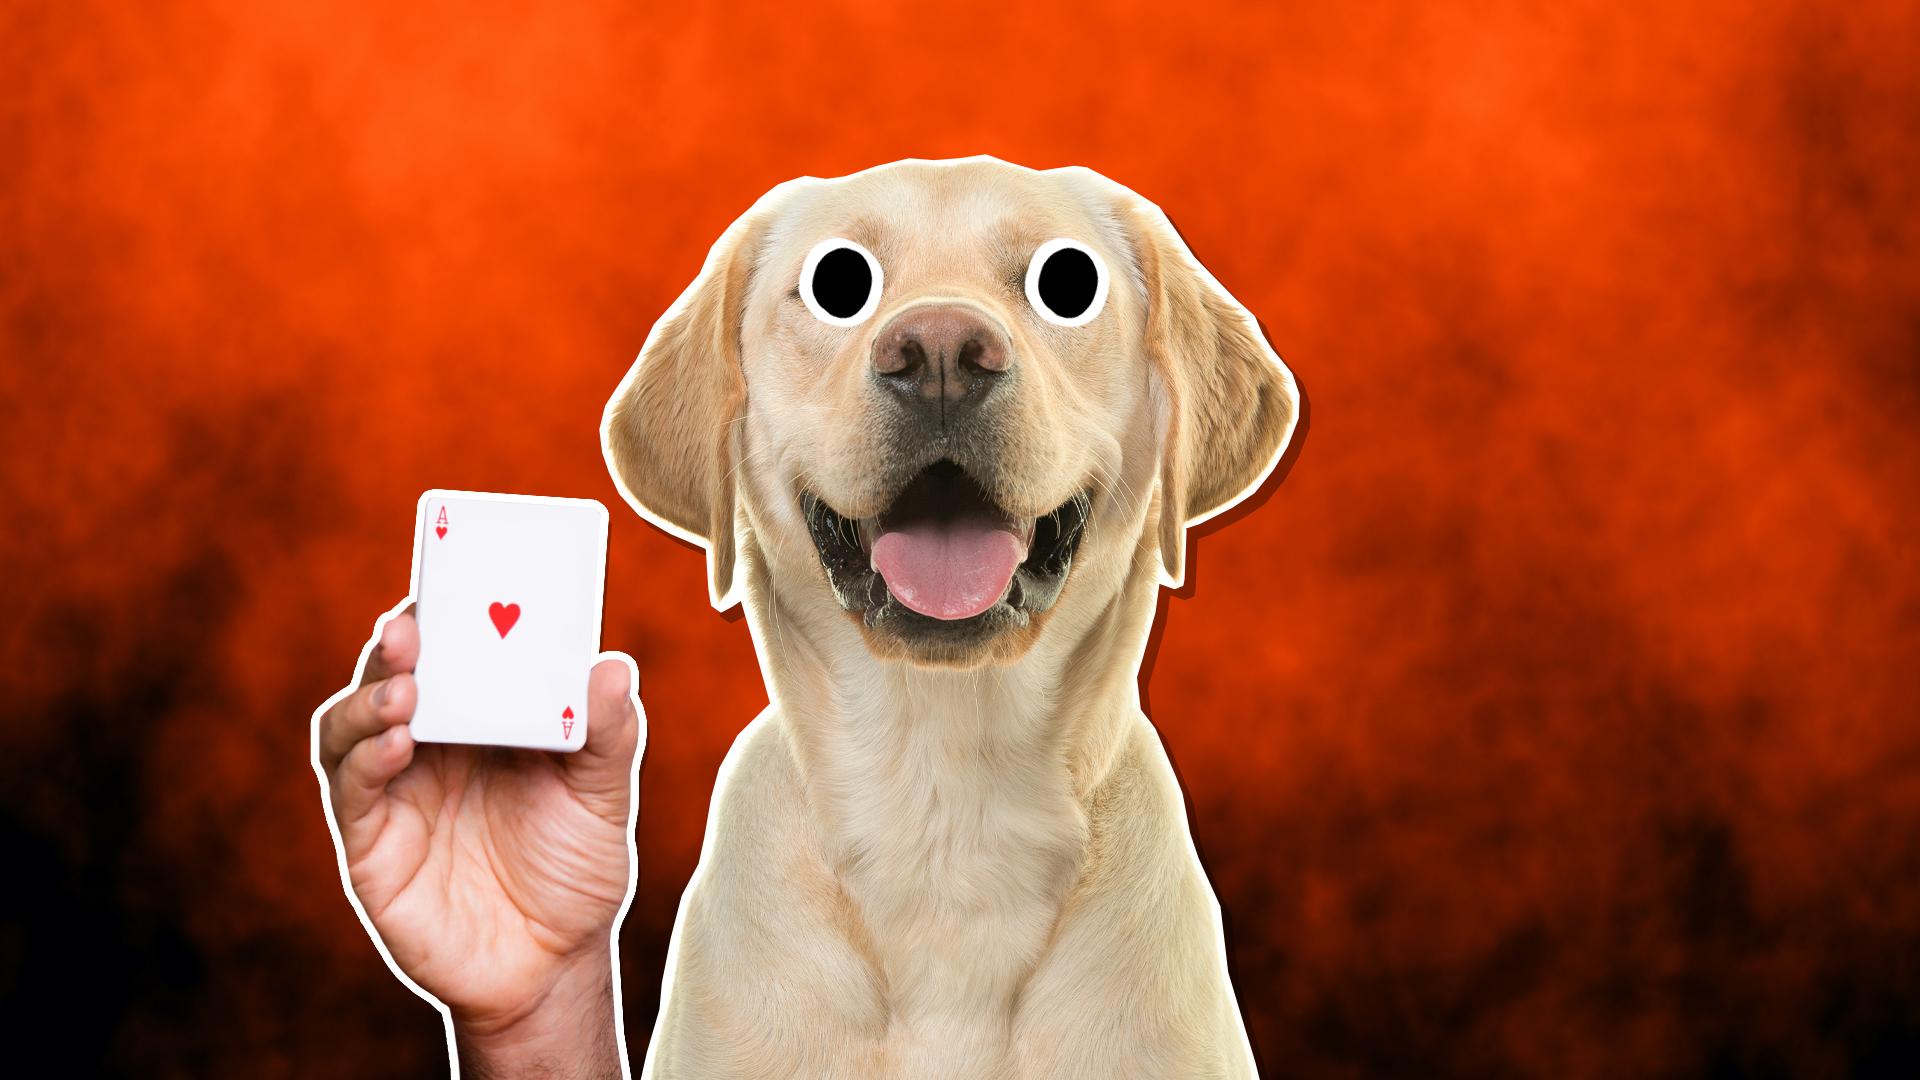 A magic dog